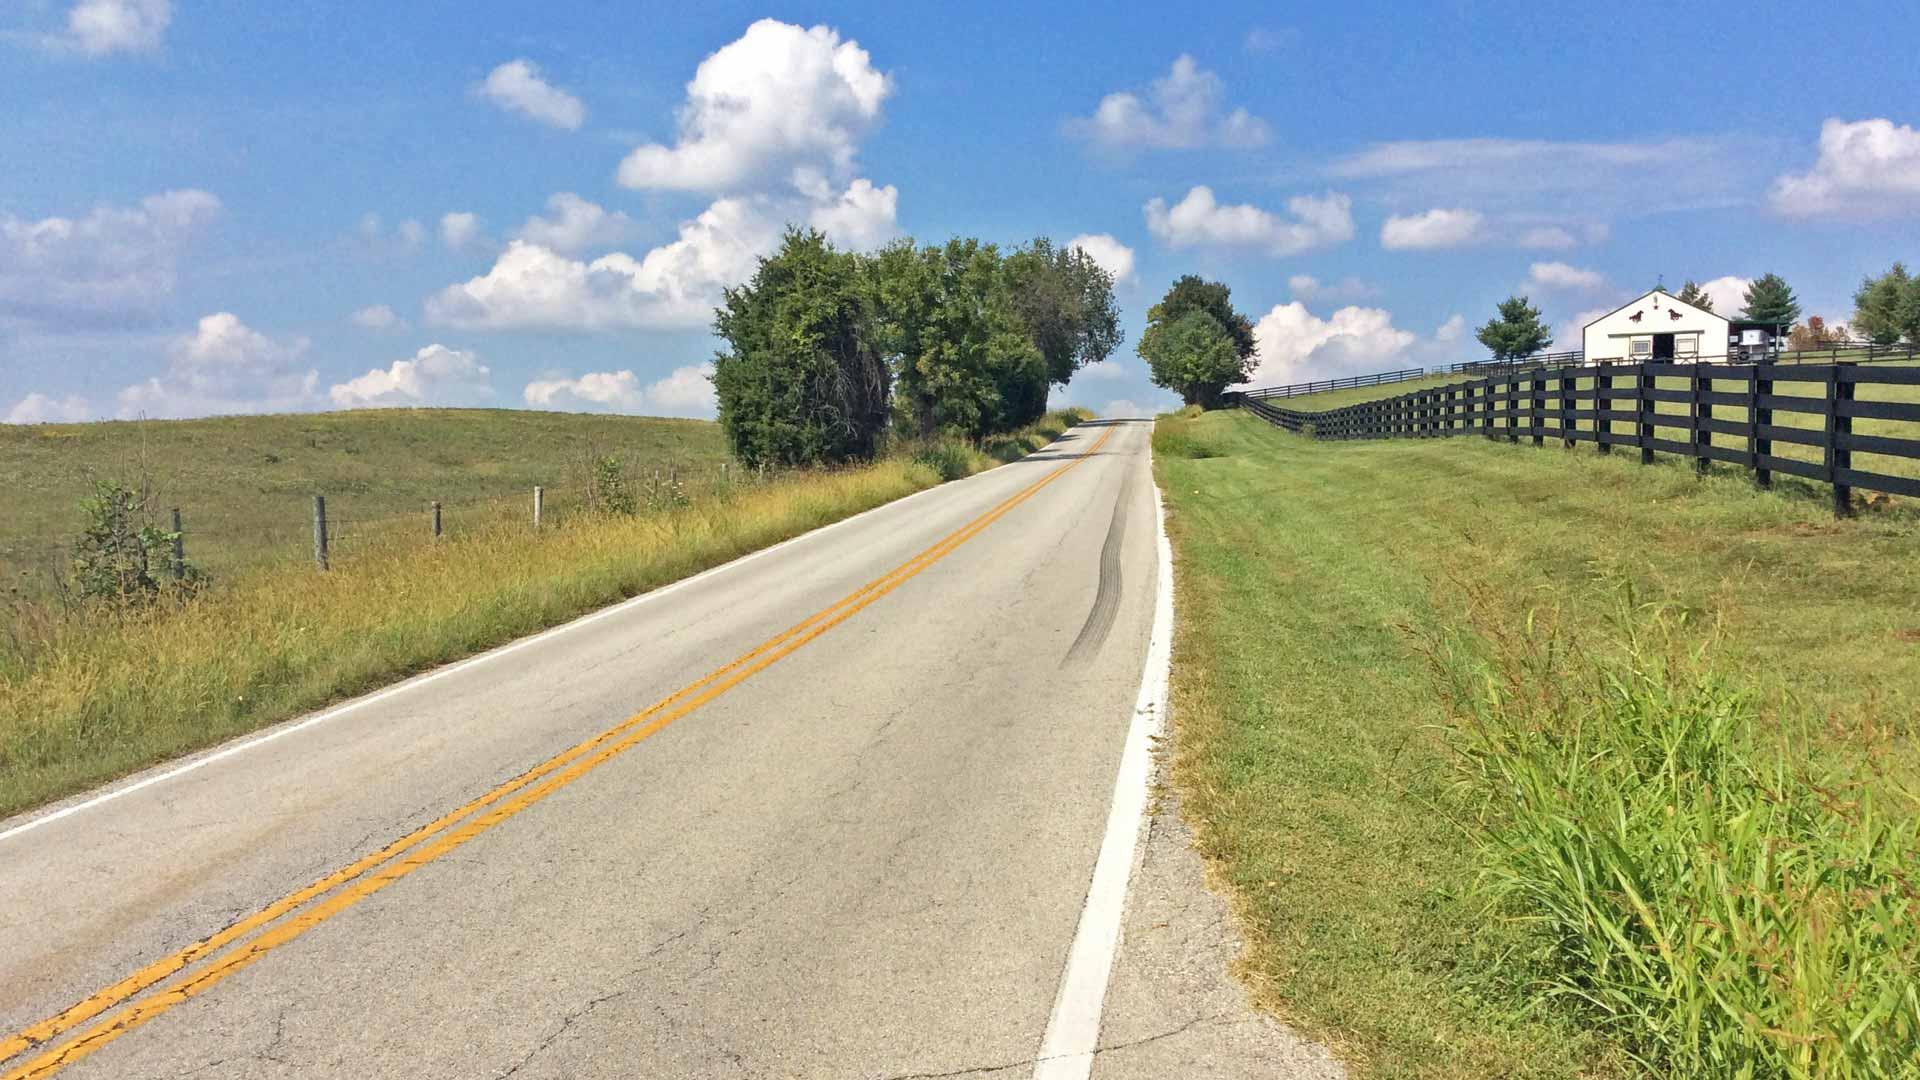 Weite Landschaften und sanfte Hügel in Kentucky. (Foto: Malt Whisky)